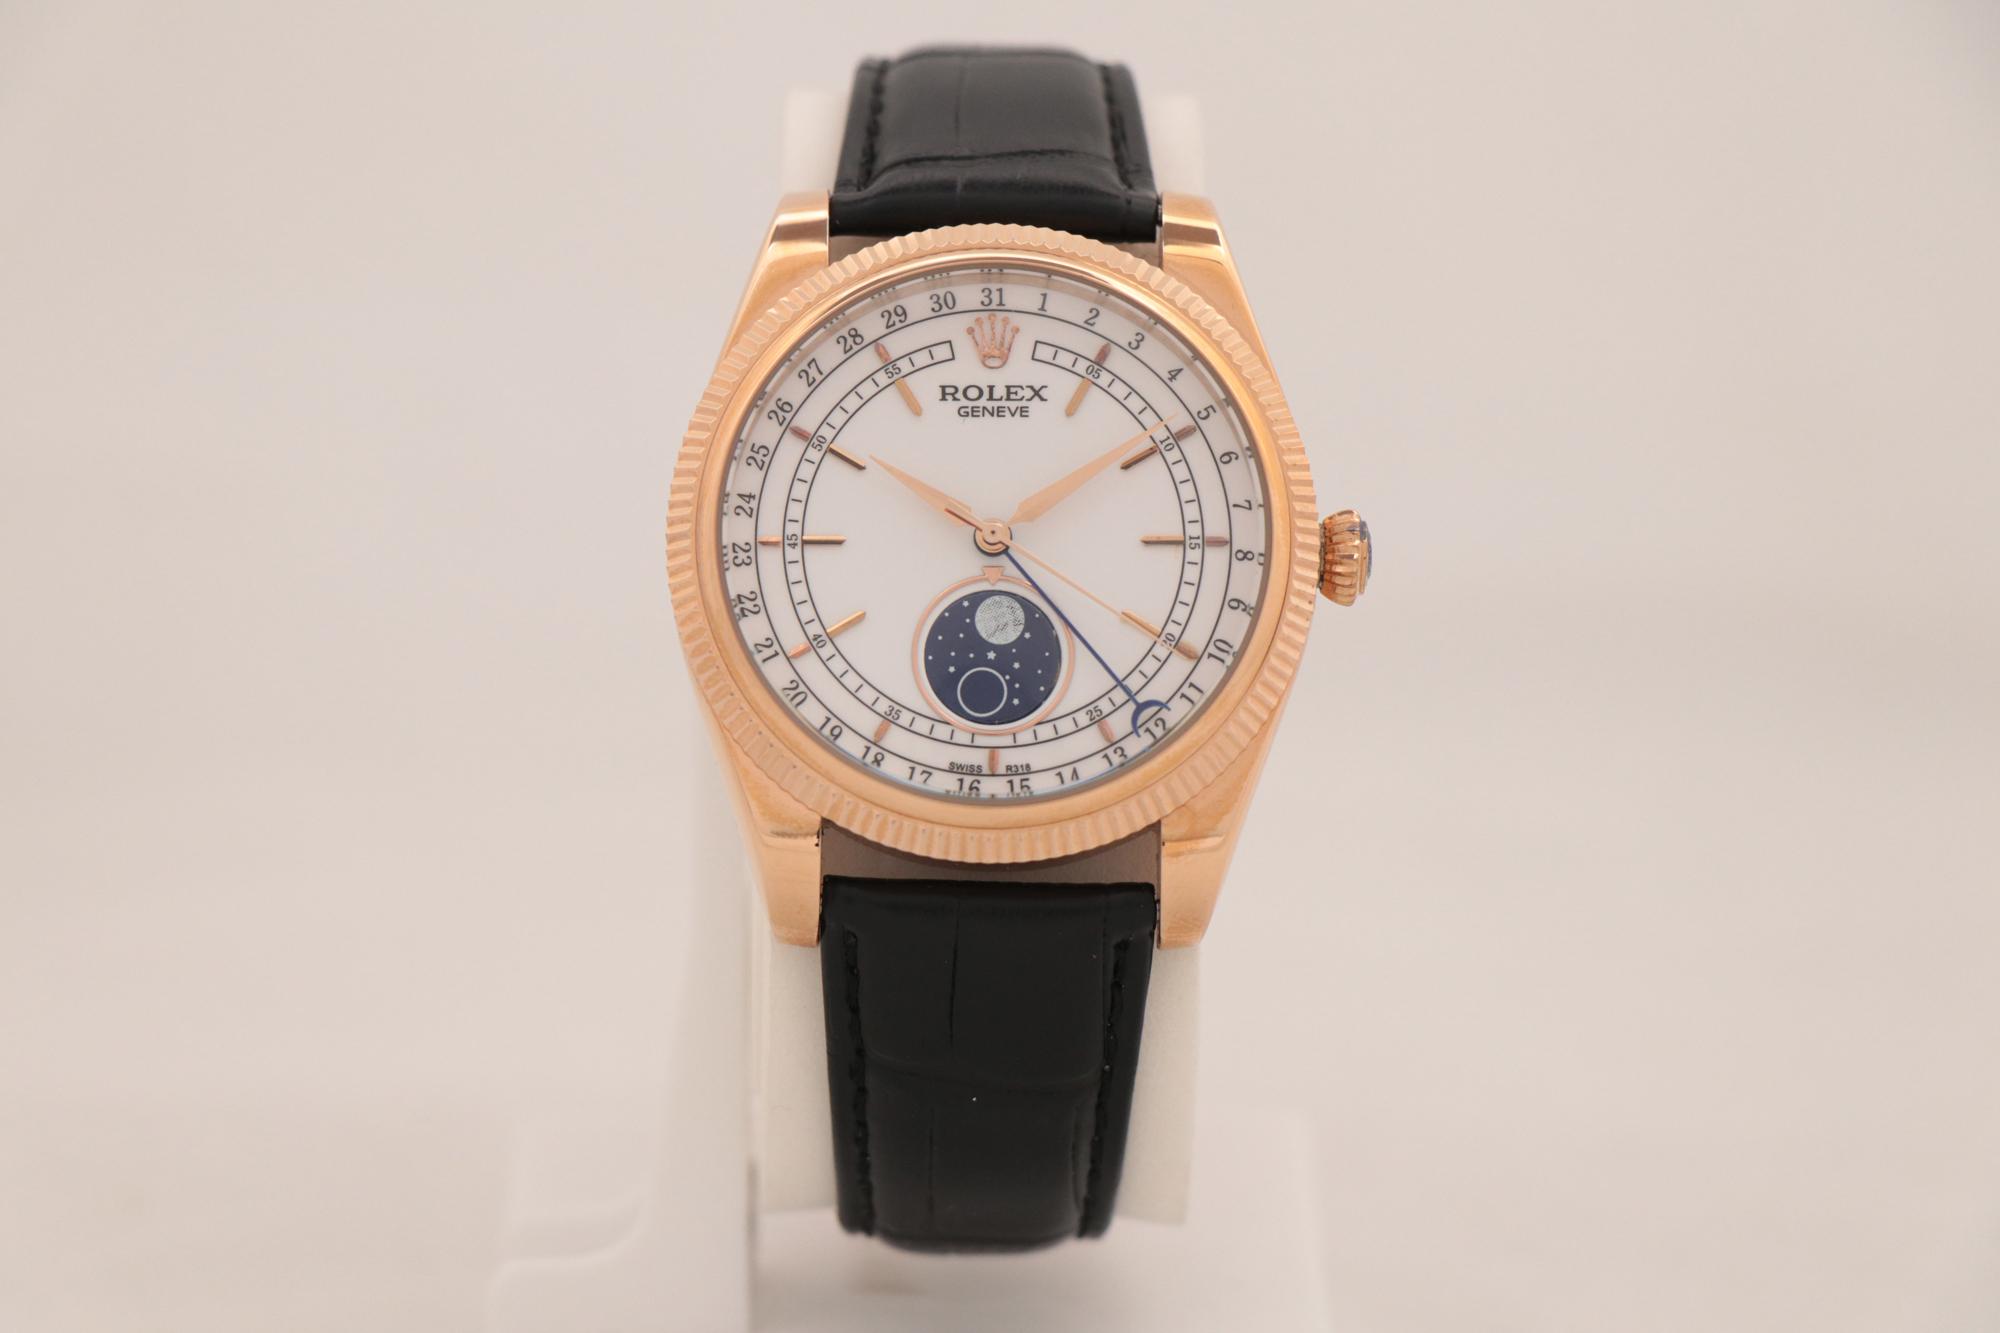 ساعت مچی عقربه ای مردانه رولکس مدل ۱۶۲۳۳/۲